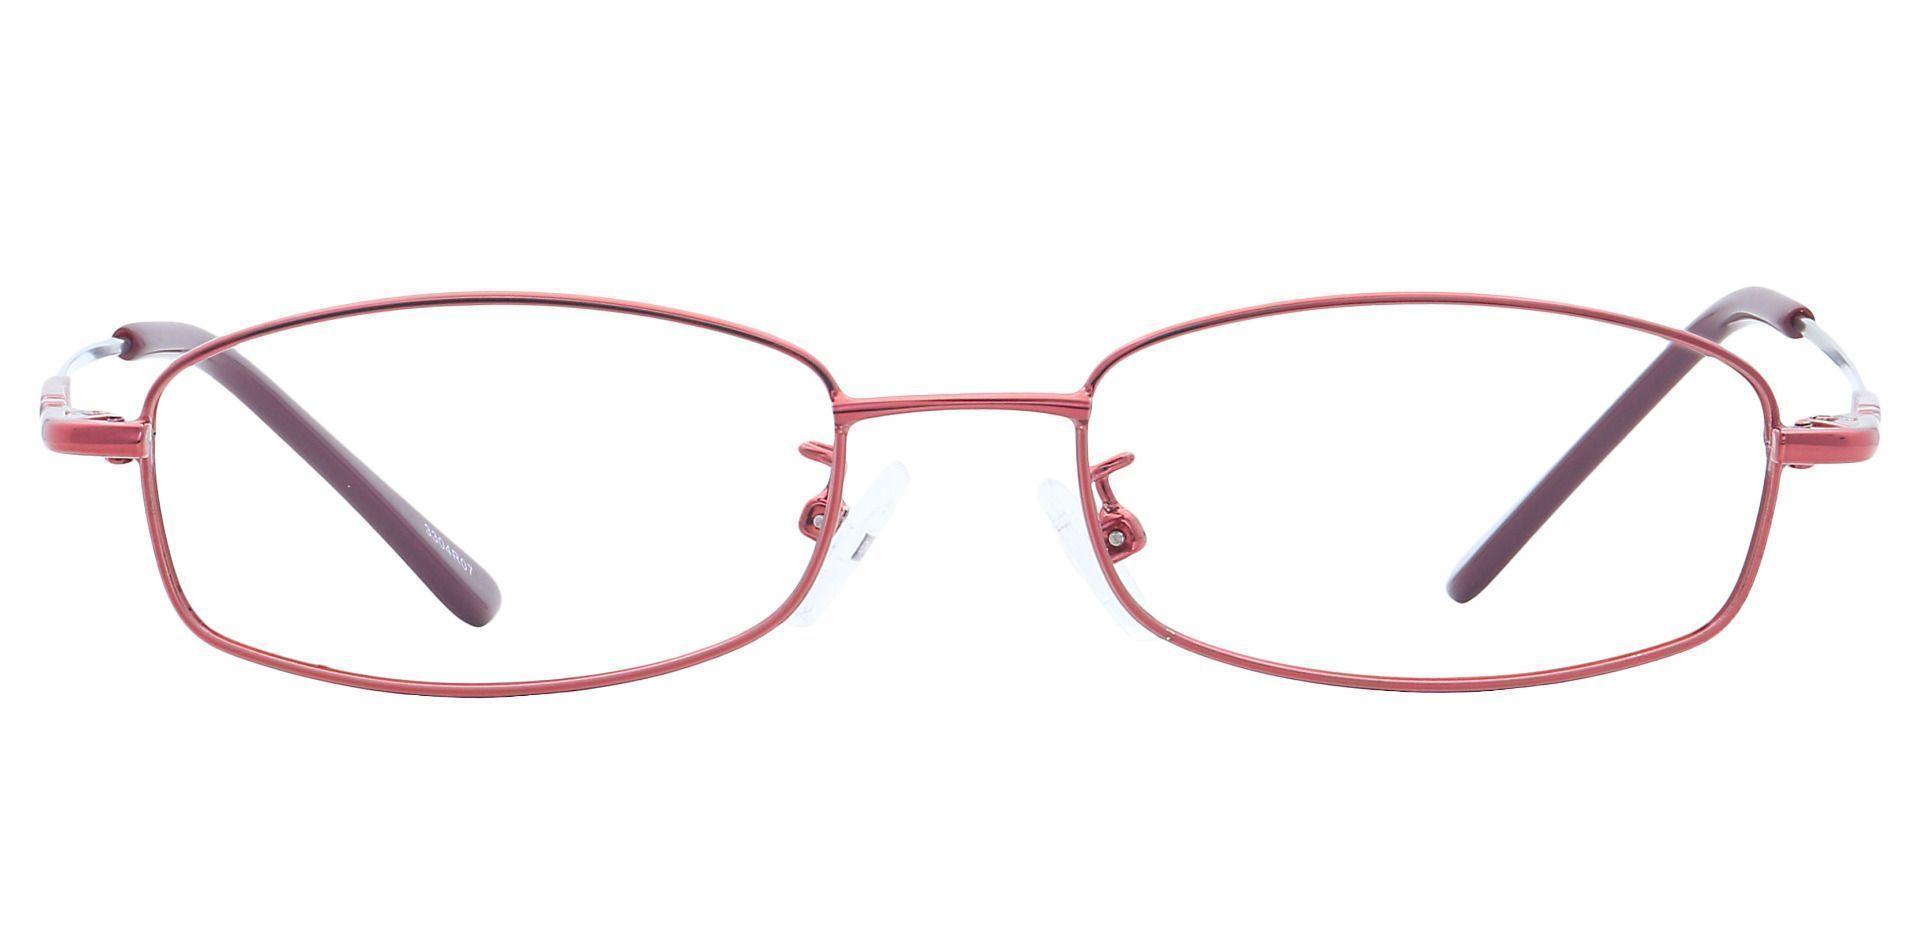 Daisy Rectangle Eyeglasses Frame - Red